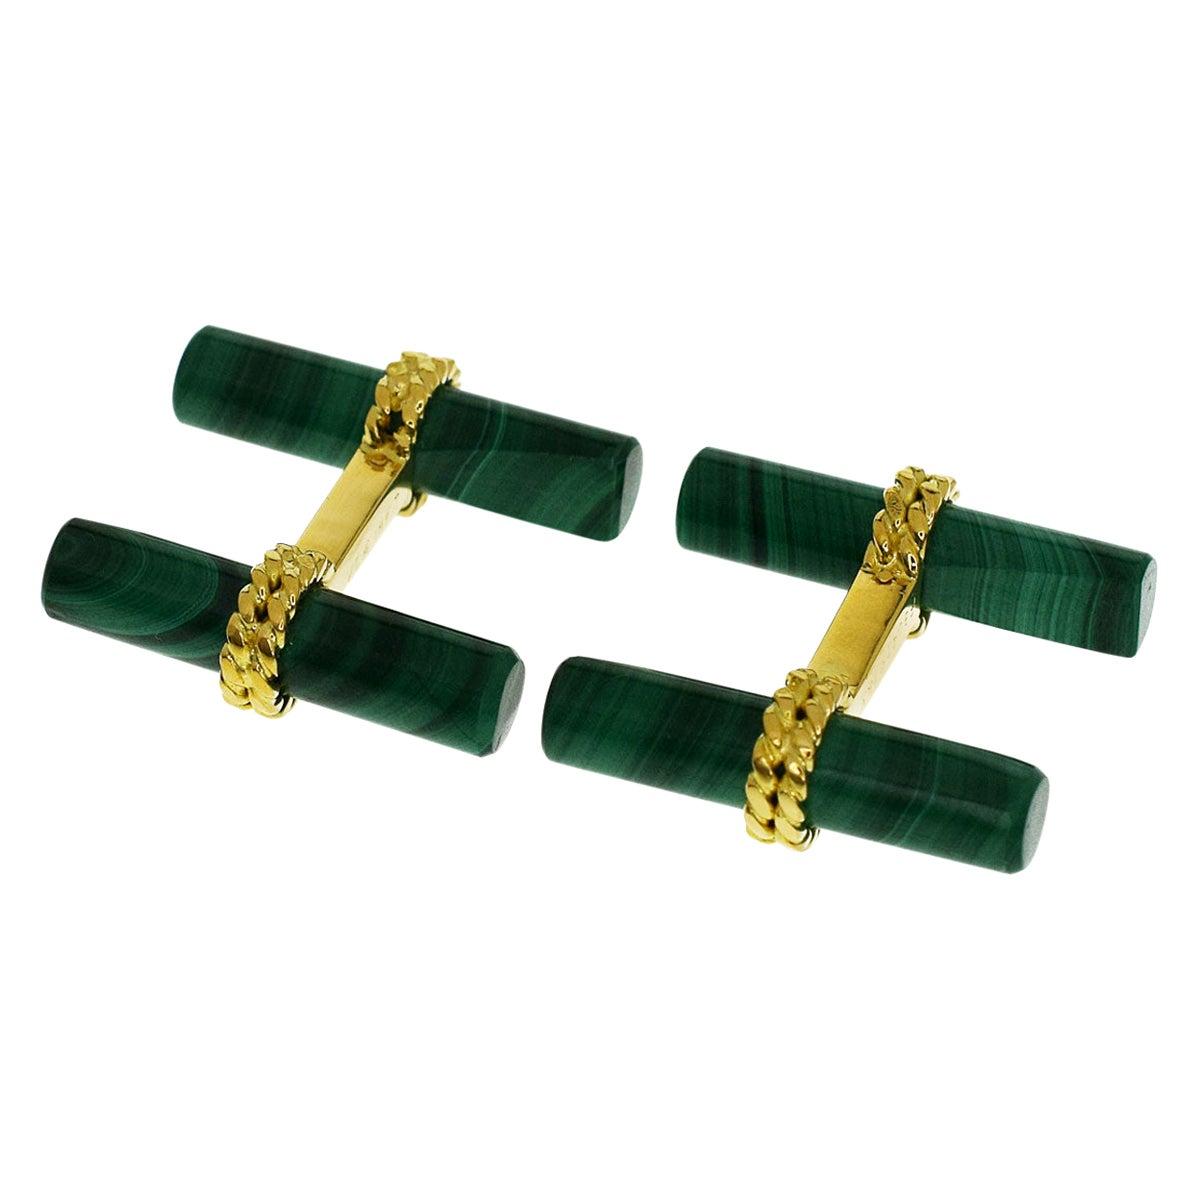 Van Cleef & Arpels 18 Karat Yellow Gold Malachite Cufflinks